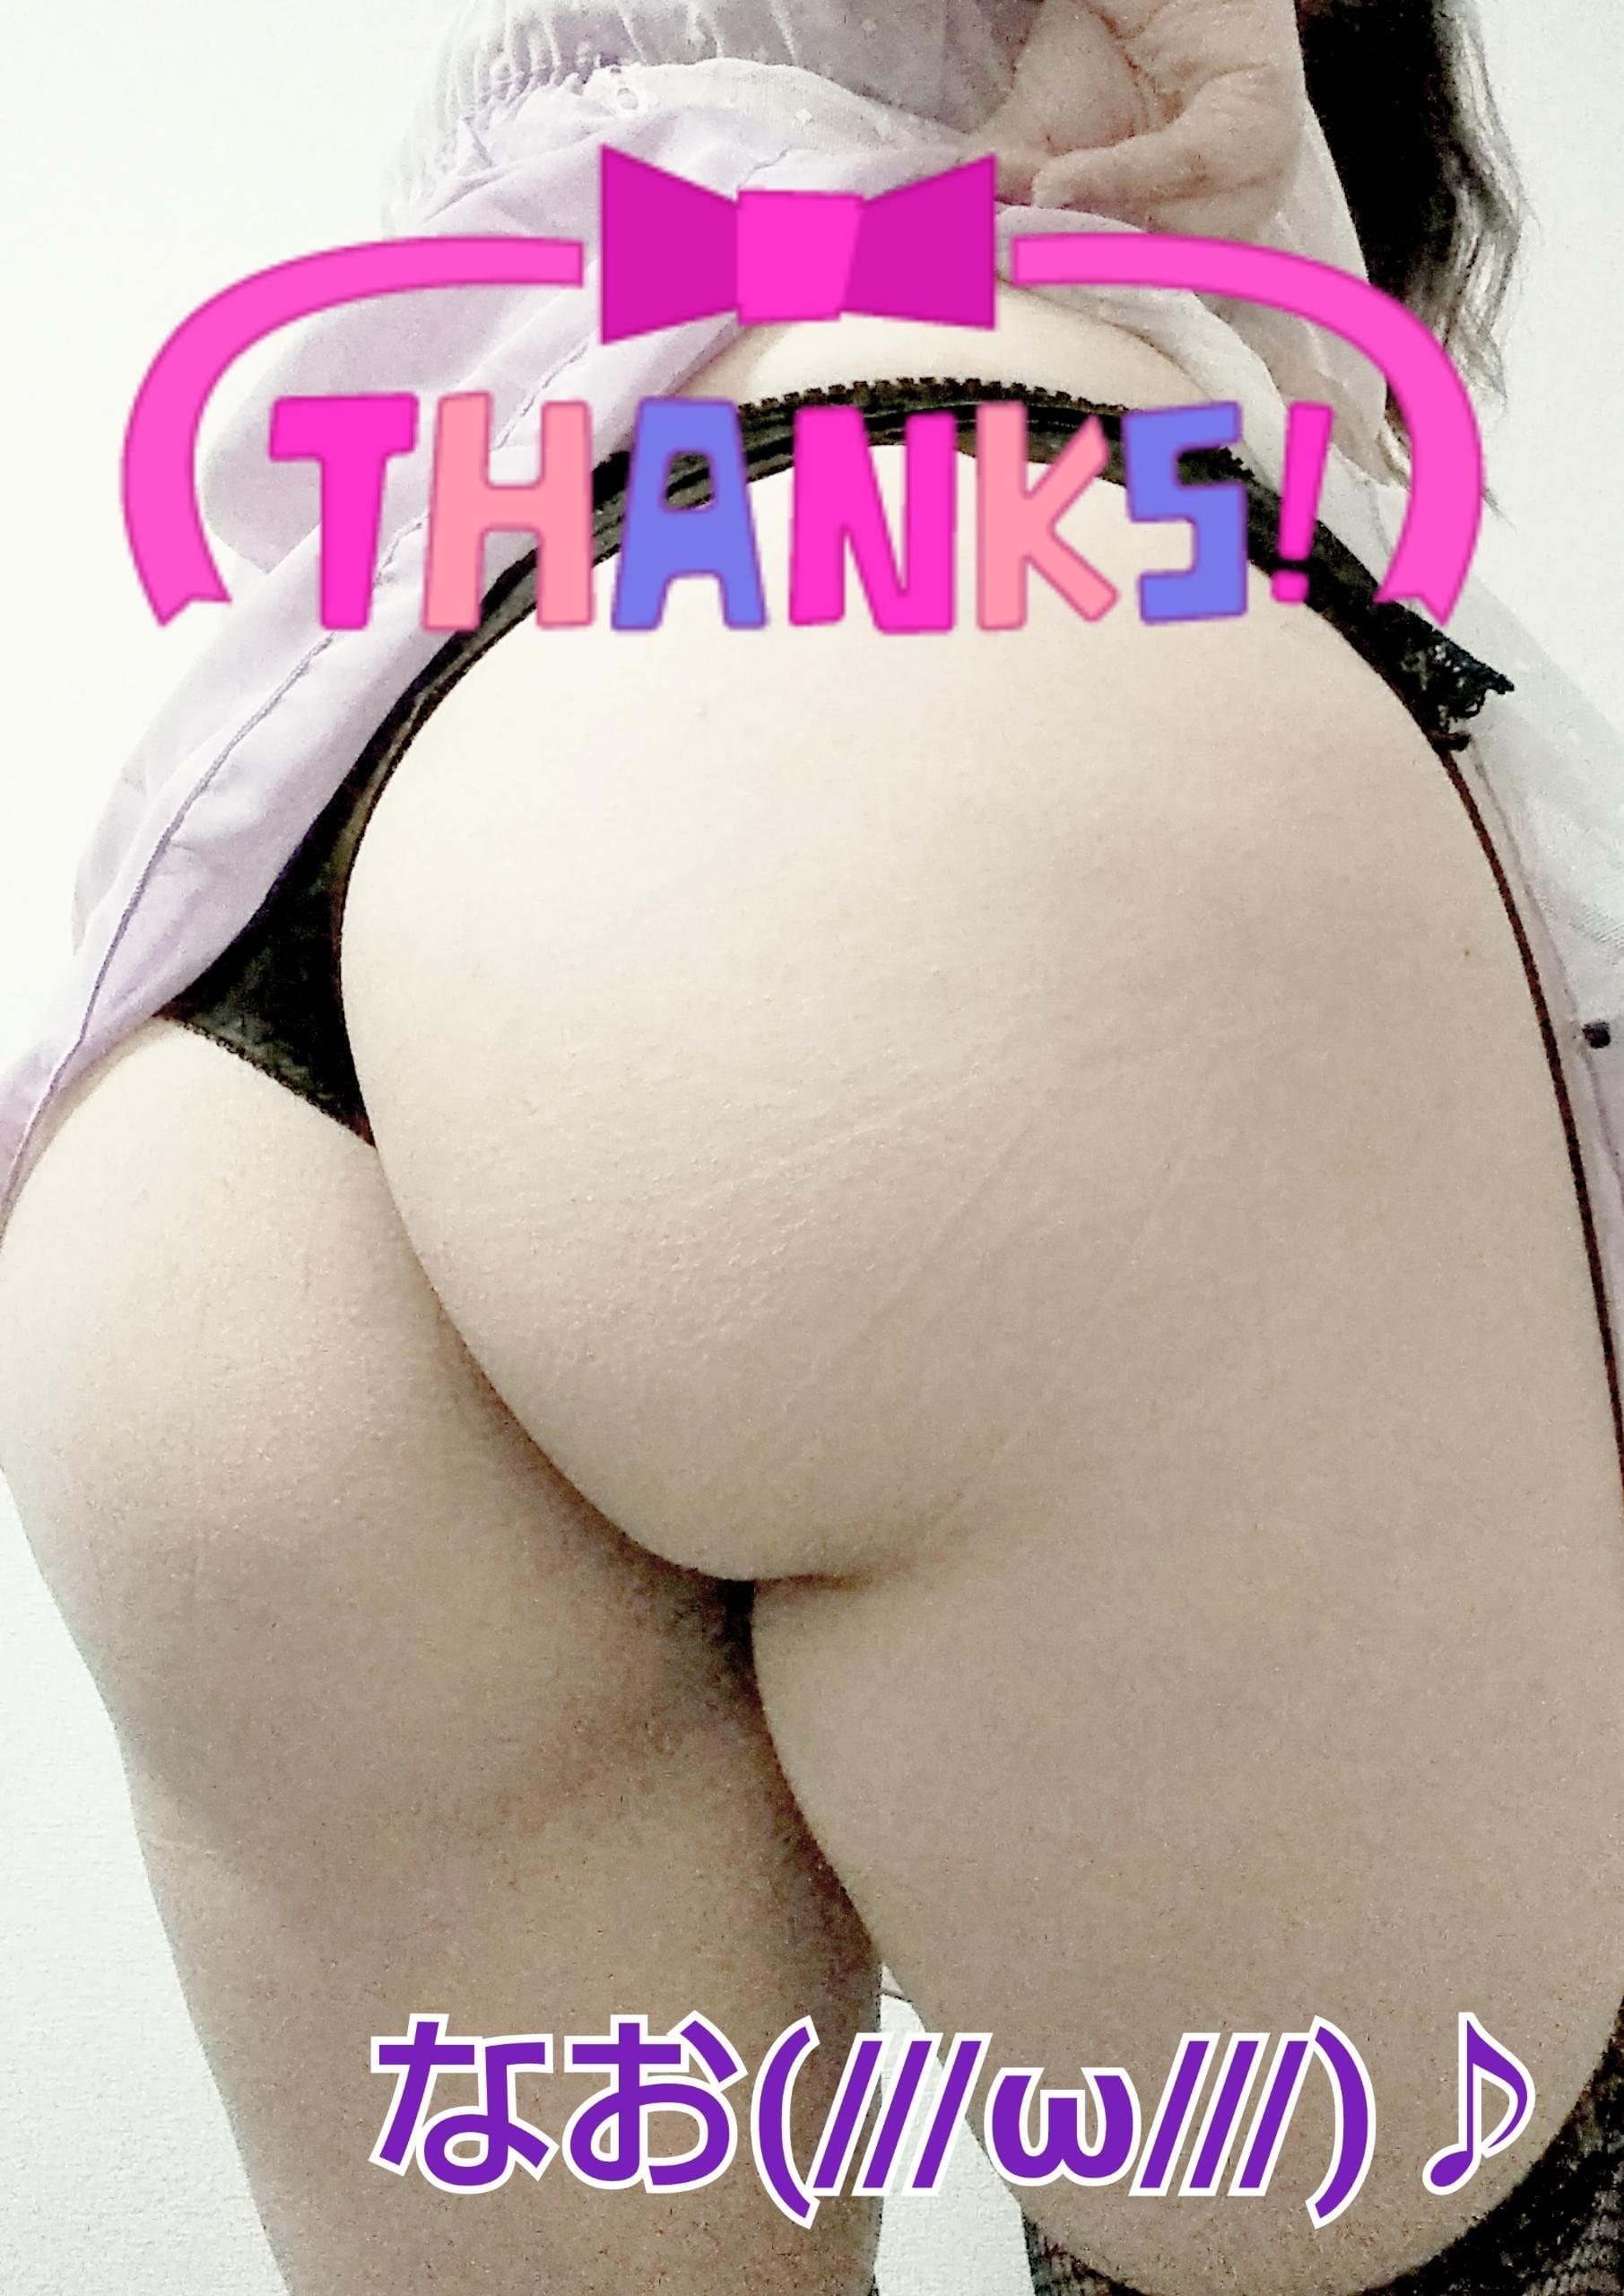 感謝です(* ̄∇ ̄*)